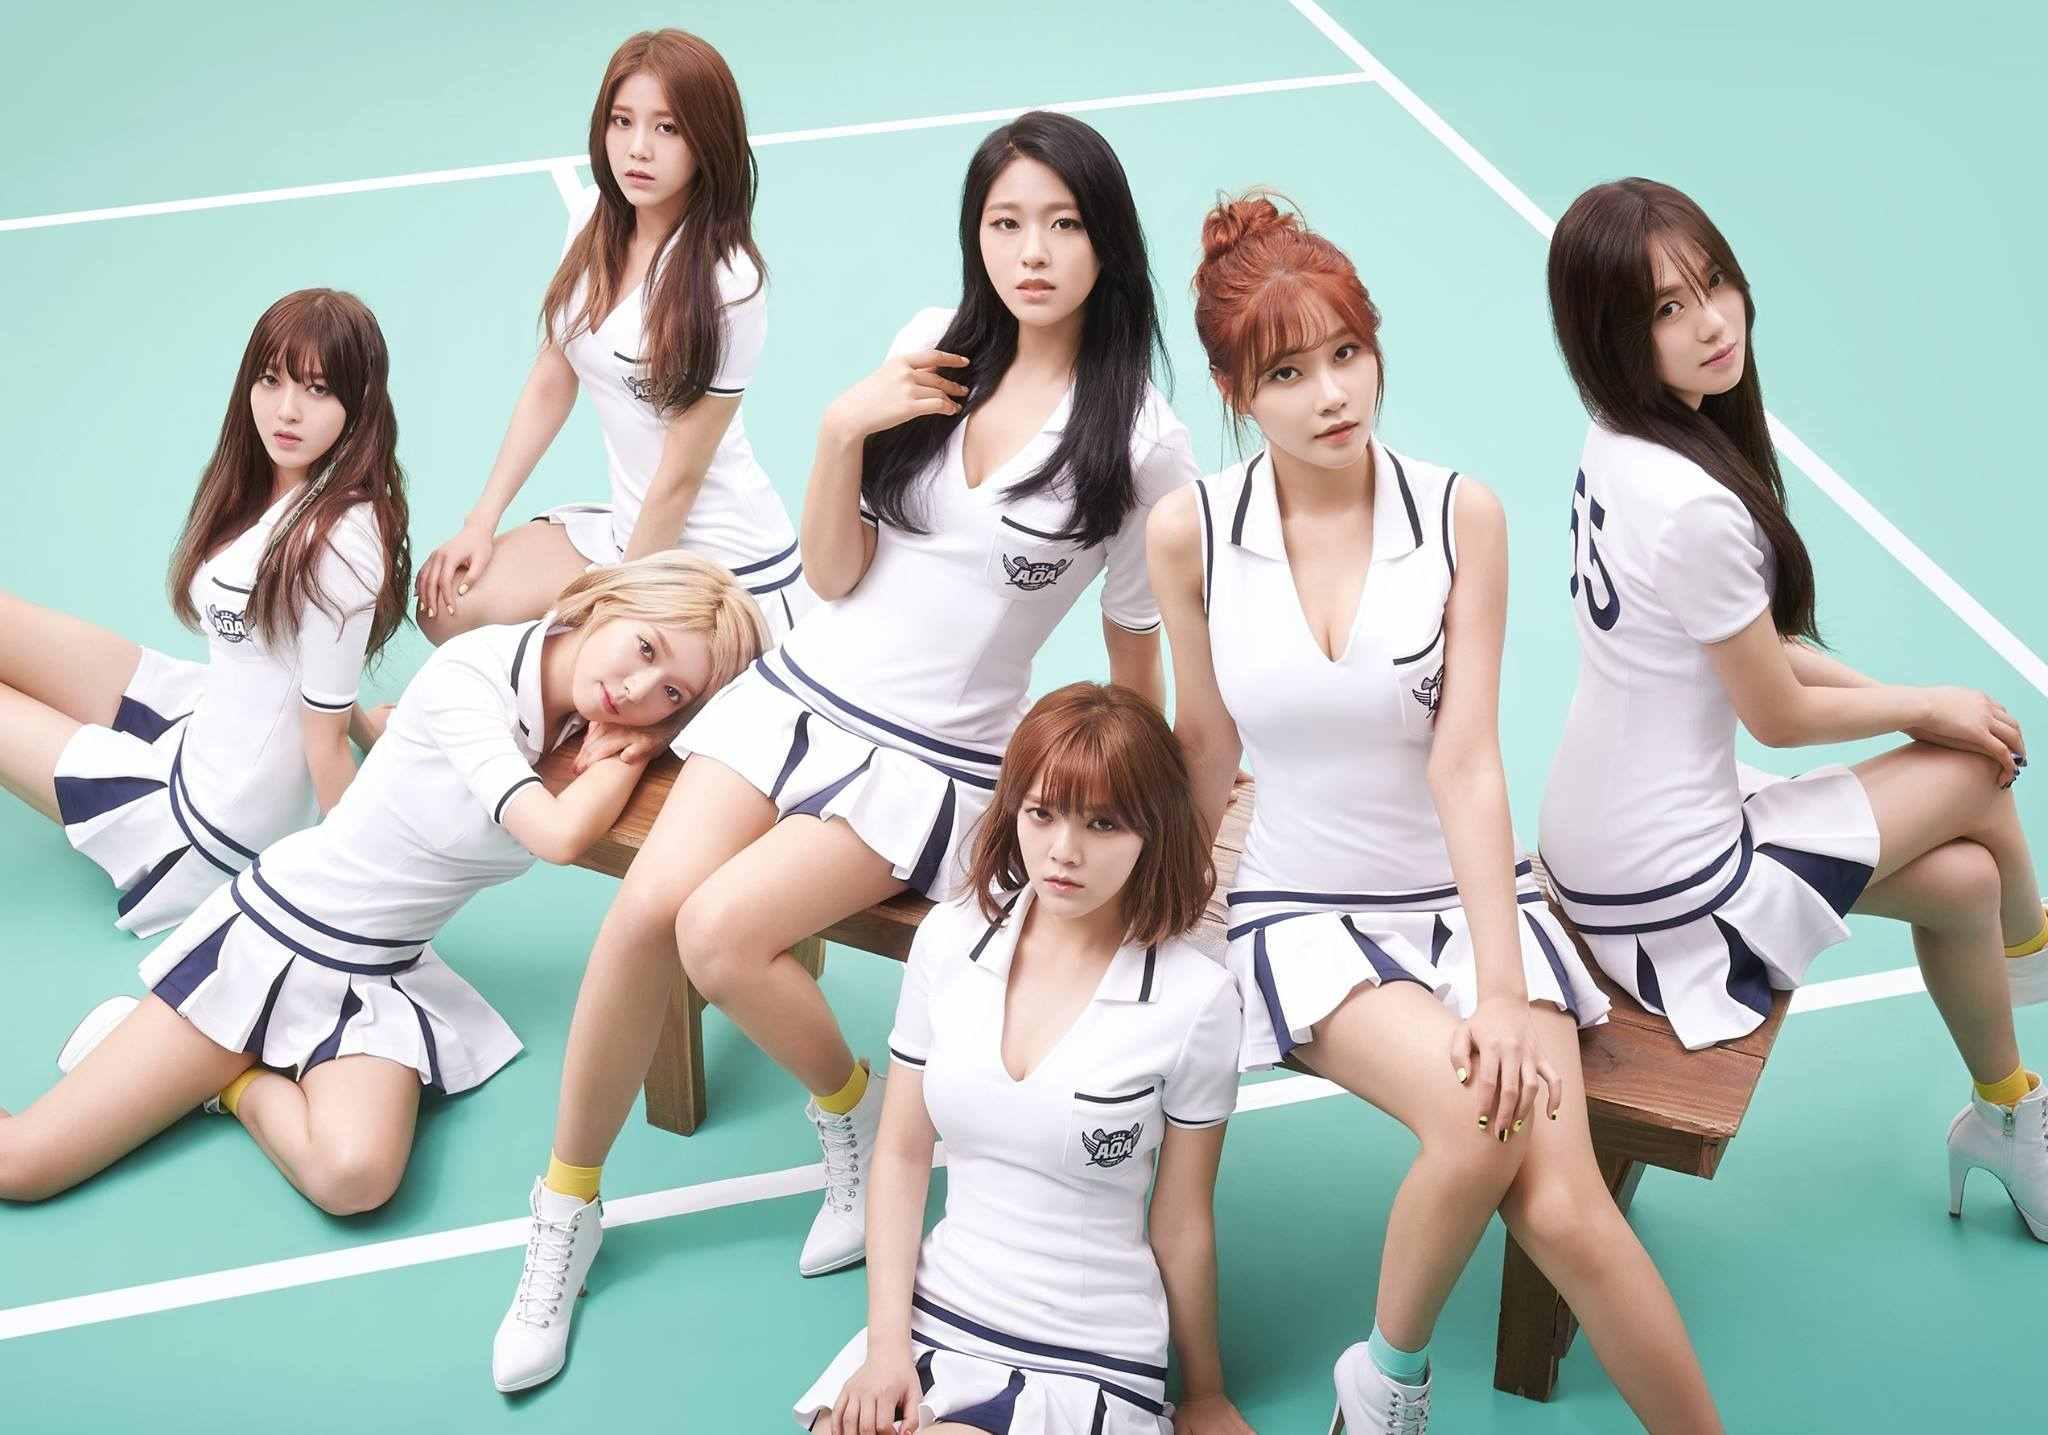 喜歡AOA的粉絲,最近可能又進入了苦等她們回歸的日子, 今年5月發行的《GOOD LUCK》時不僅因為諸事不順,打歌期只有短短一個月。在韓國只發行過迷你專輯的AOA,最近往日本發展卻已經要發行第二張正規專輯,不只讓韓國的粉絲有點小小的吃醋